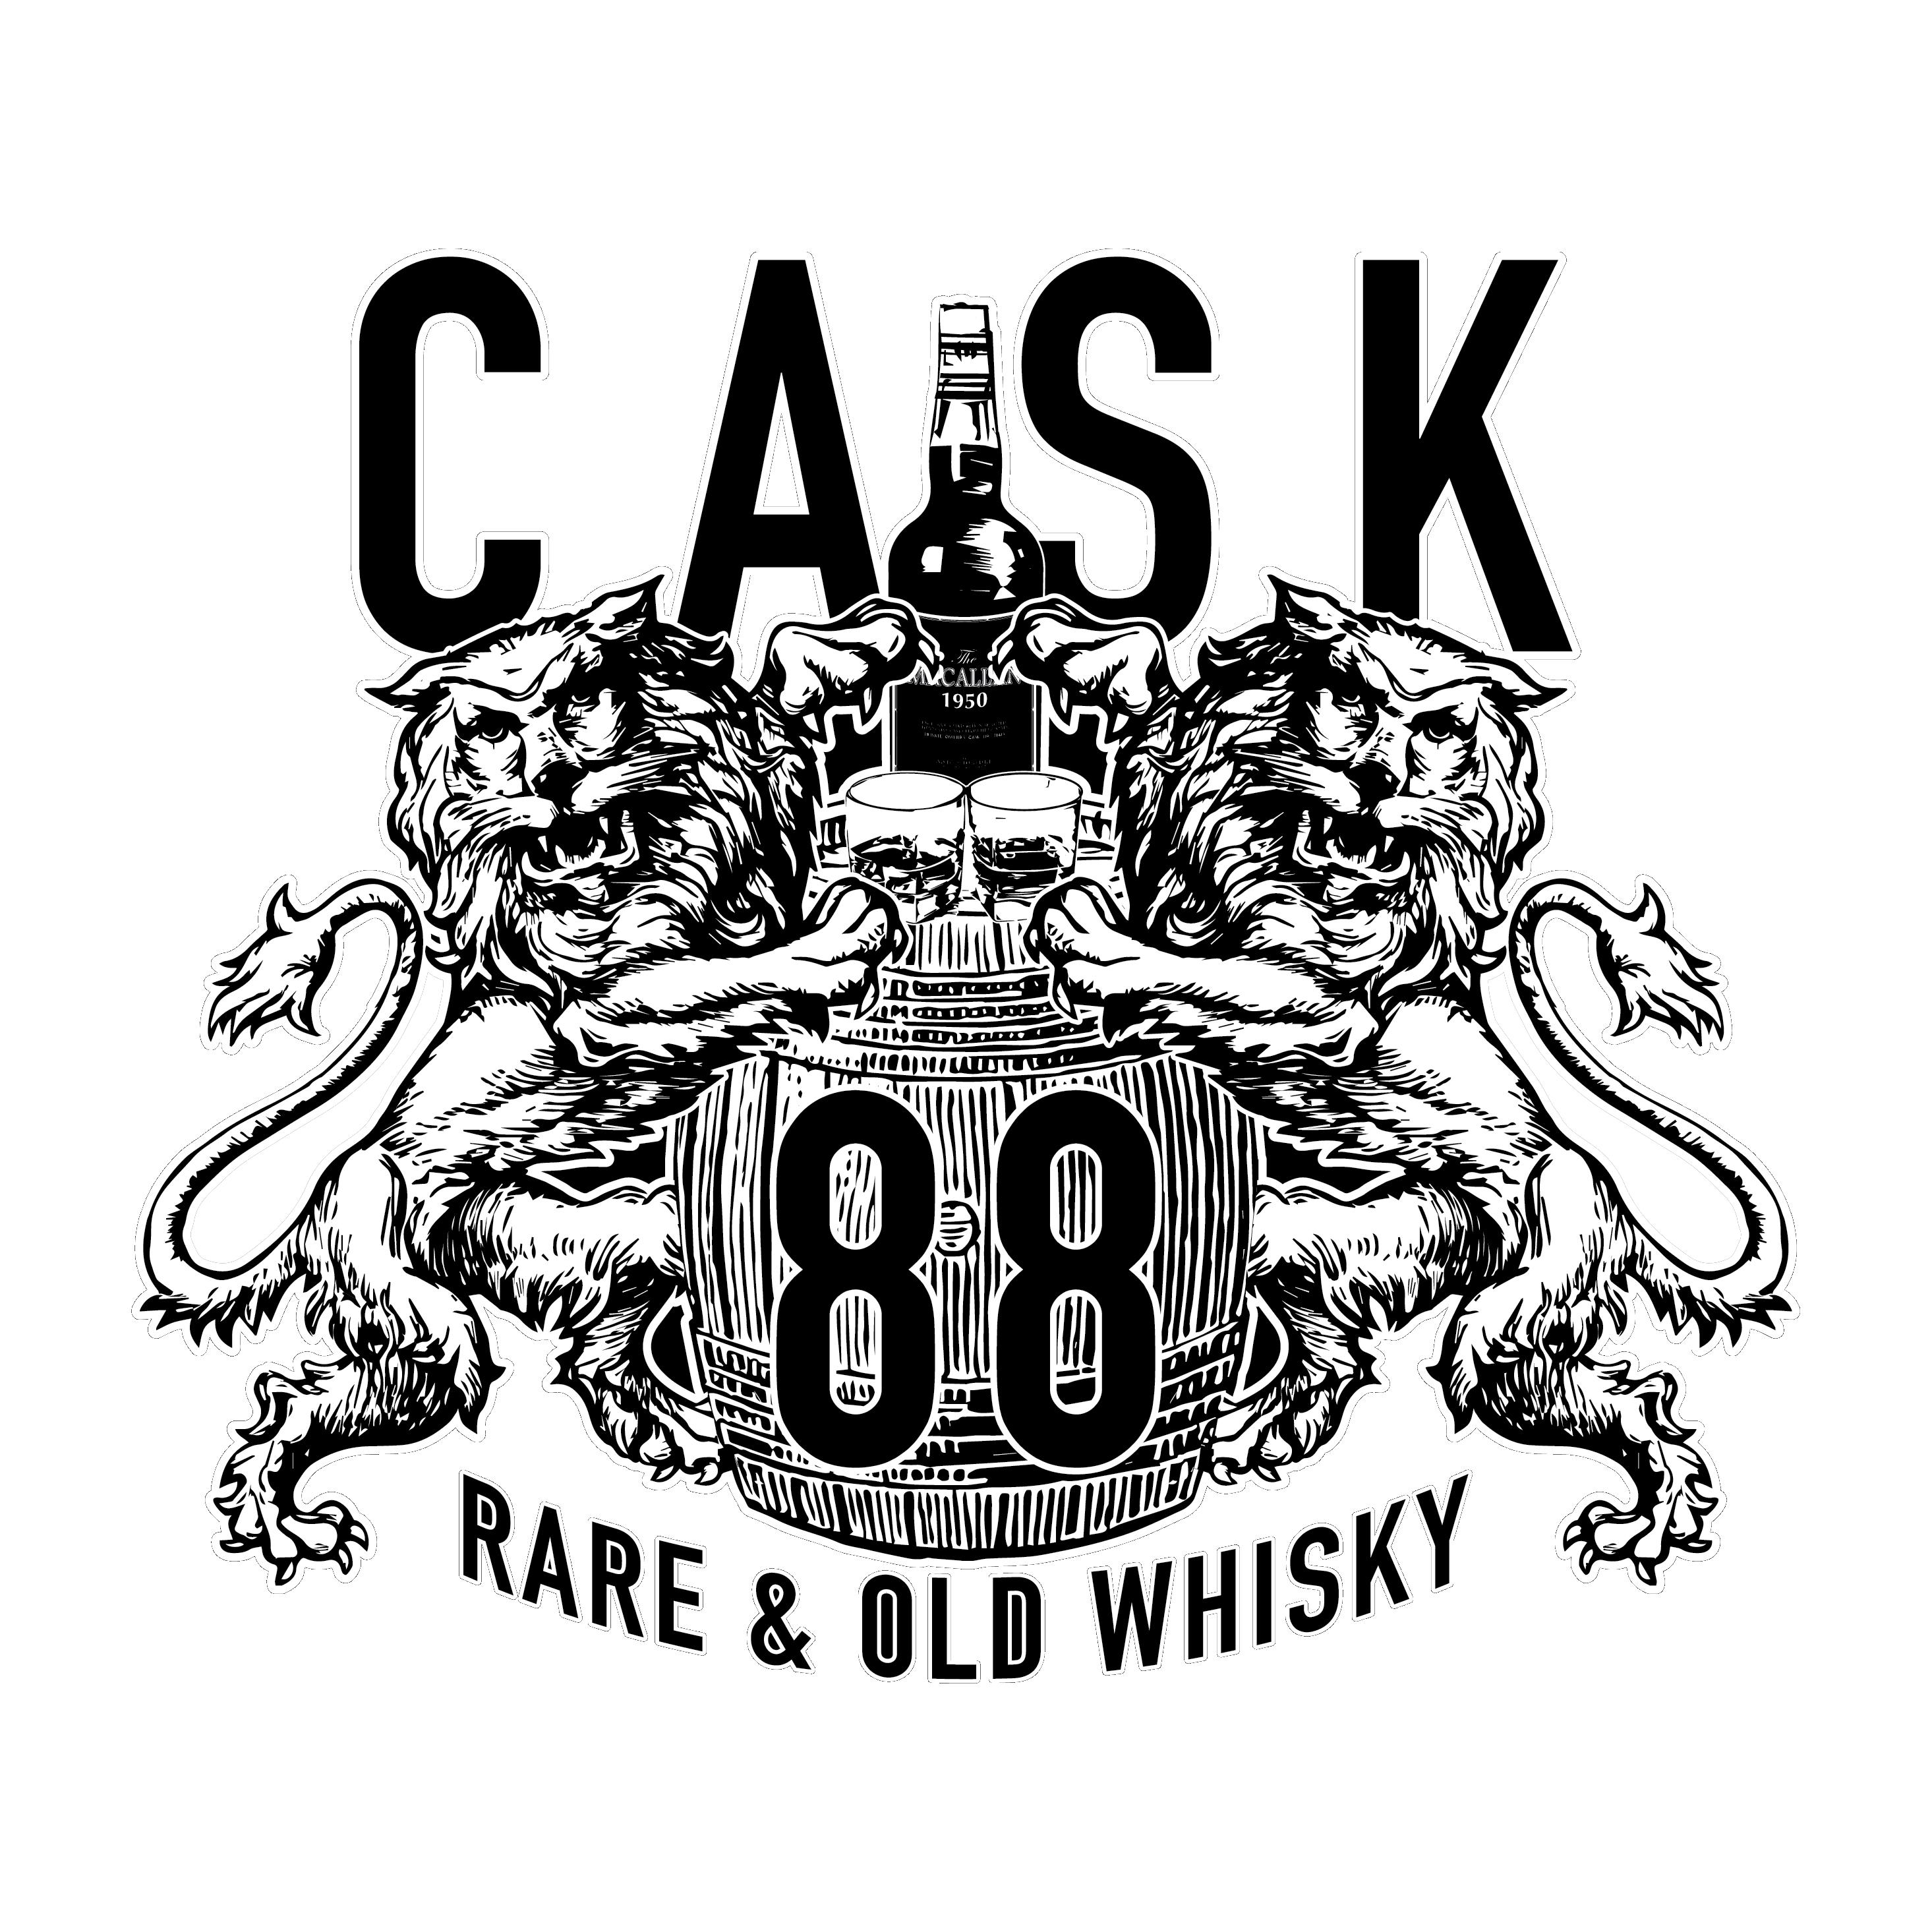 cask 88 trading- company logo